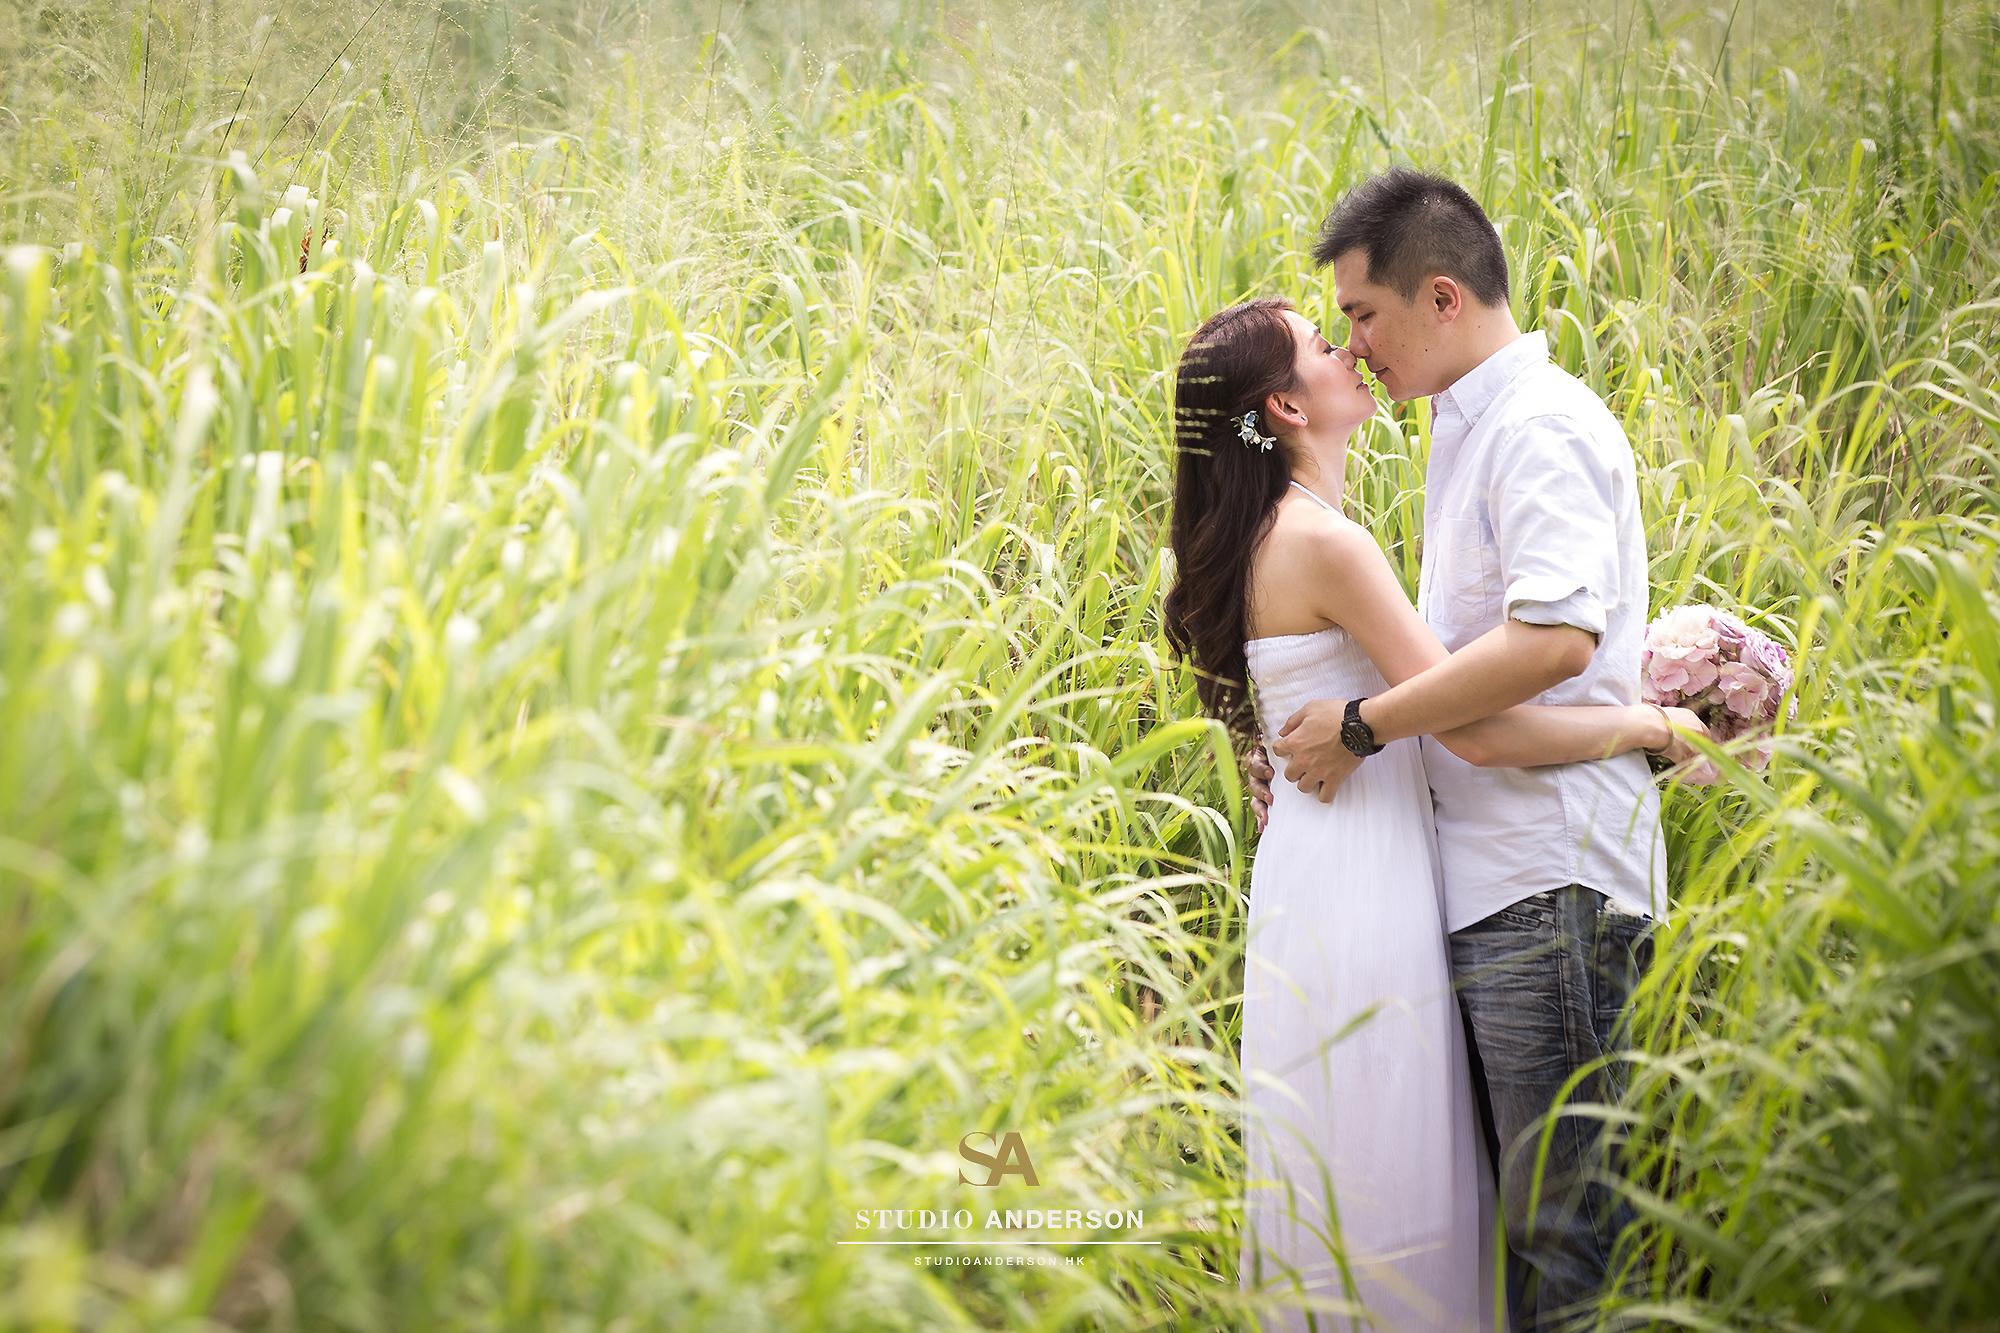 024 - Jay and Hang engagement (Watermark).jpg